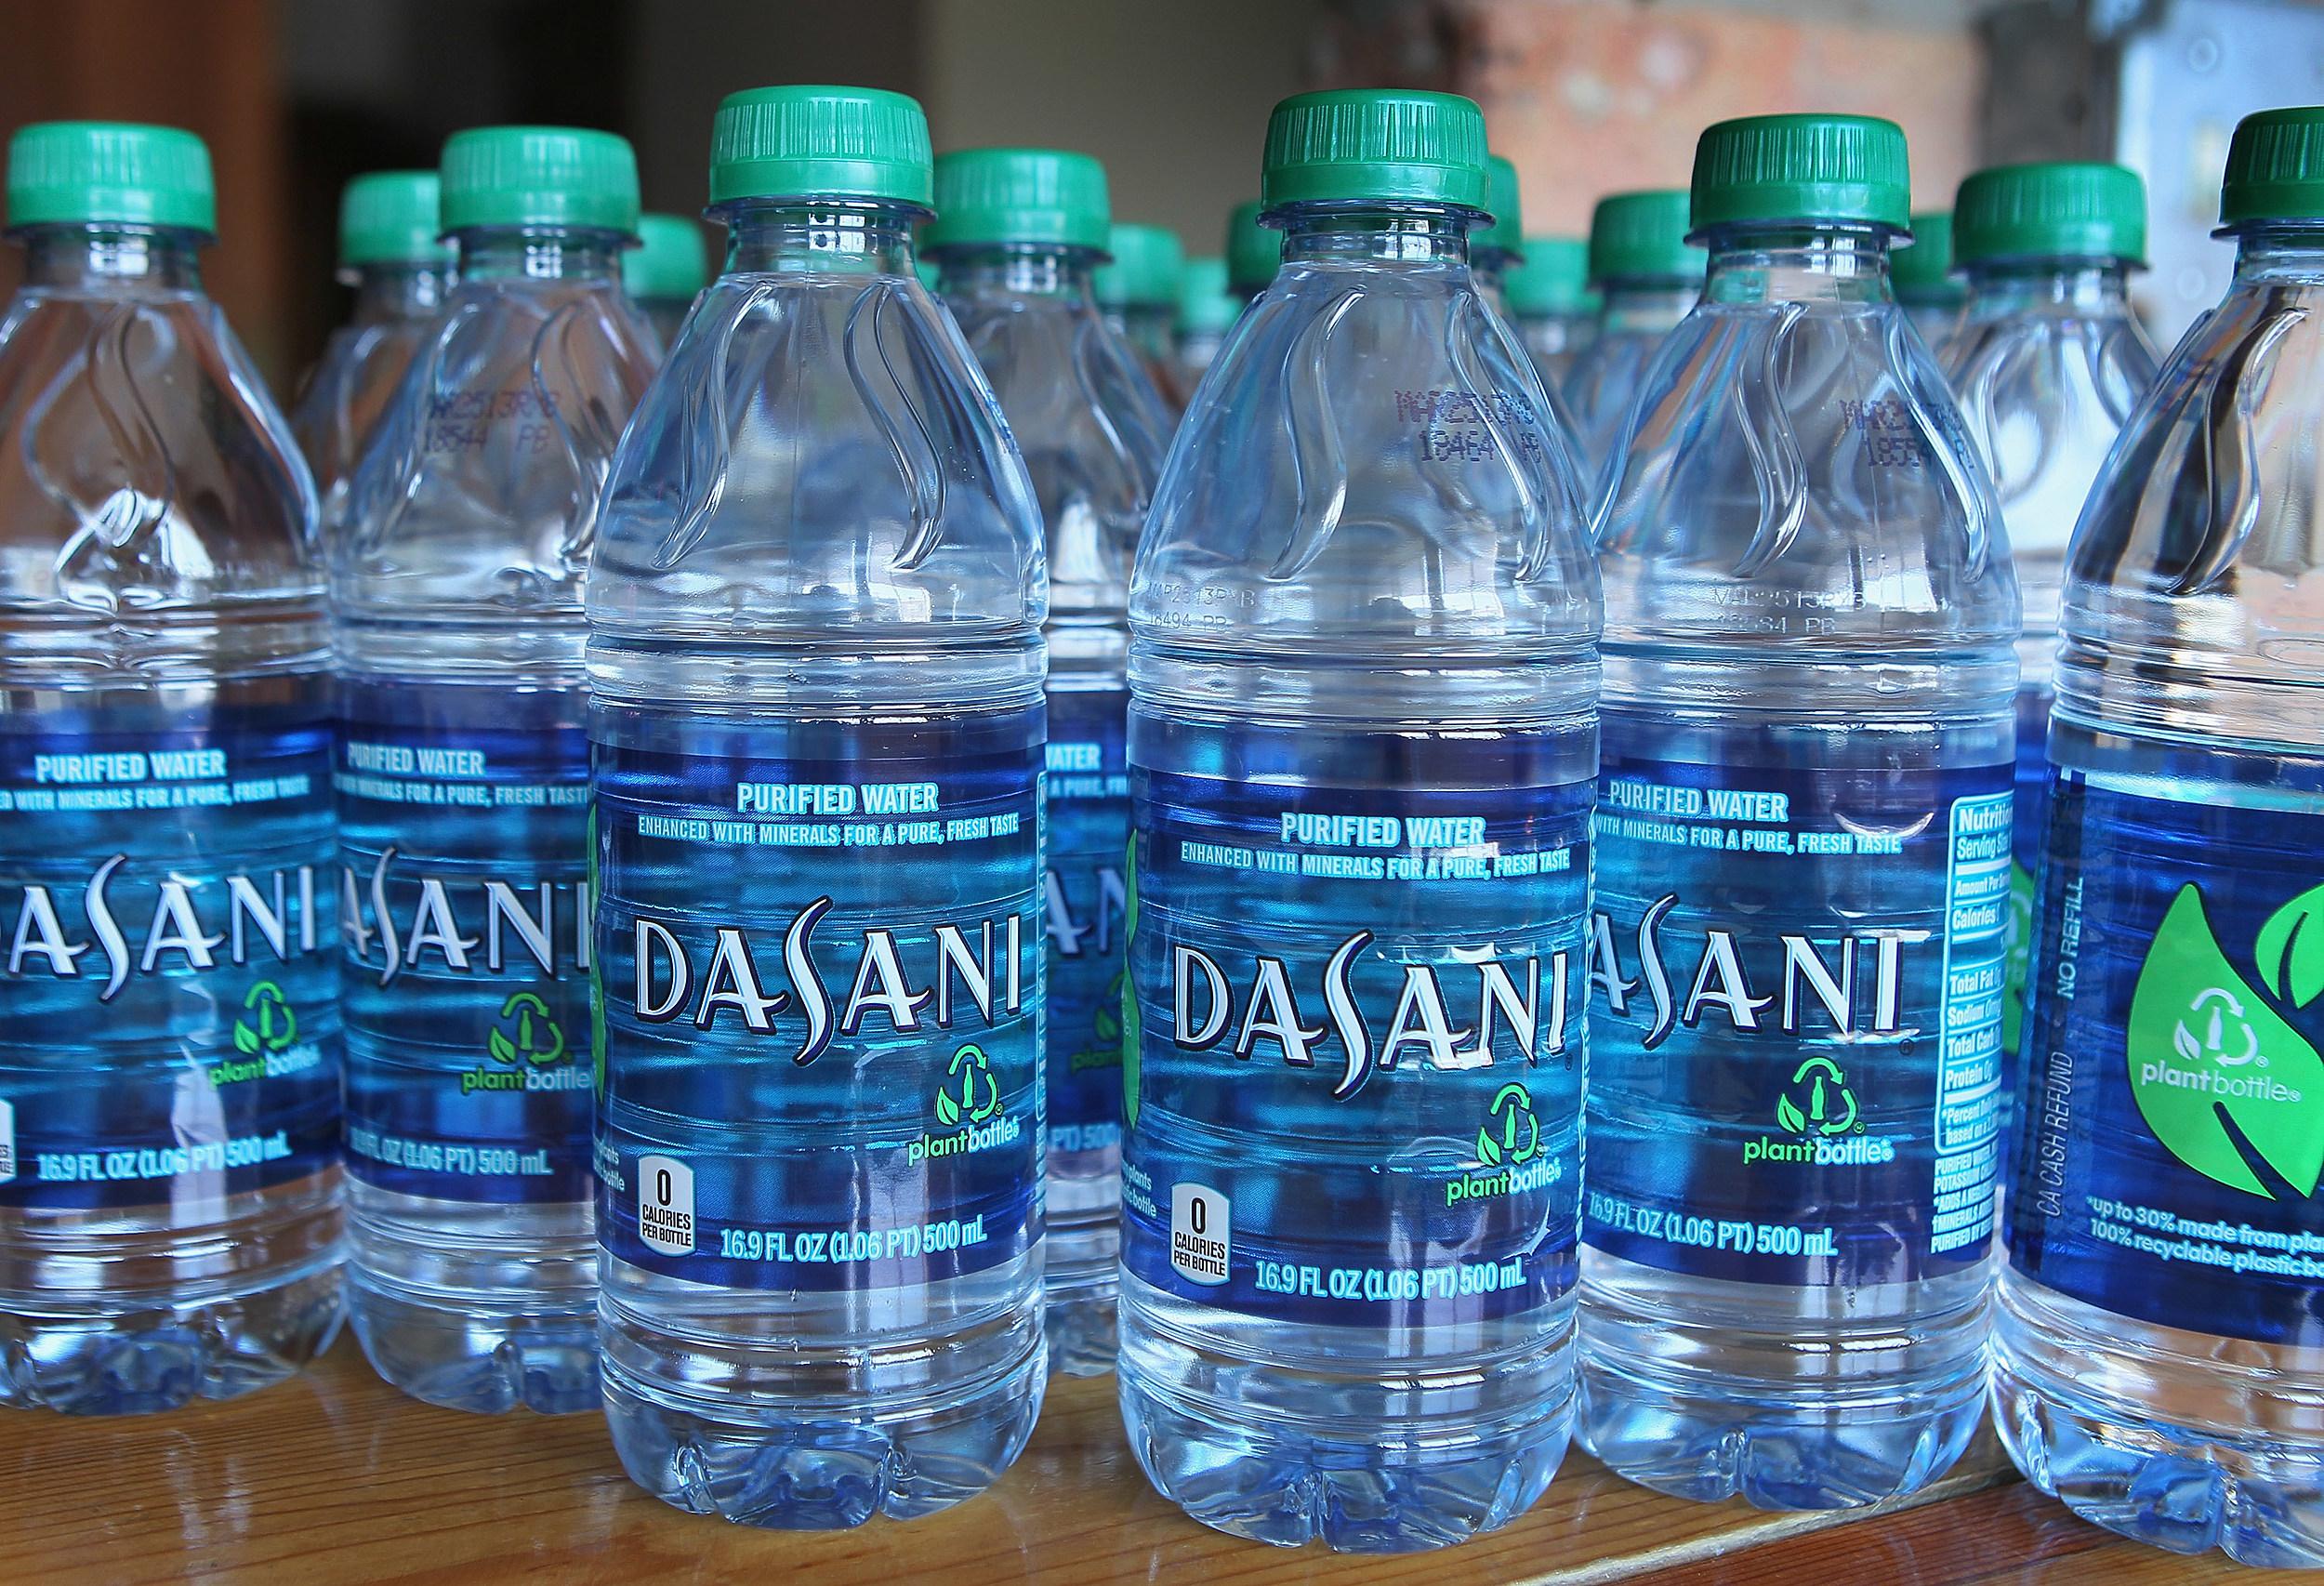 Dasani Water Bottles